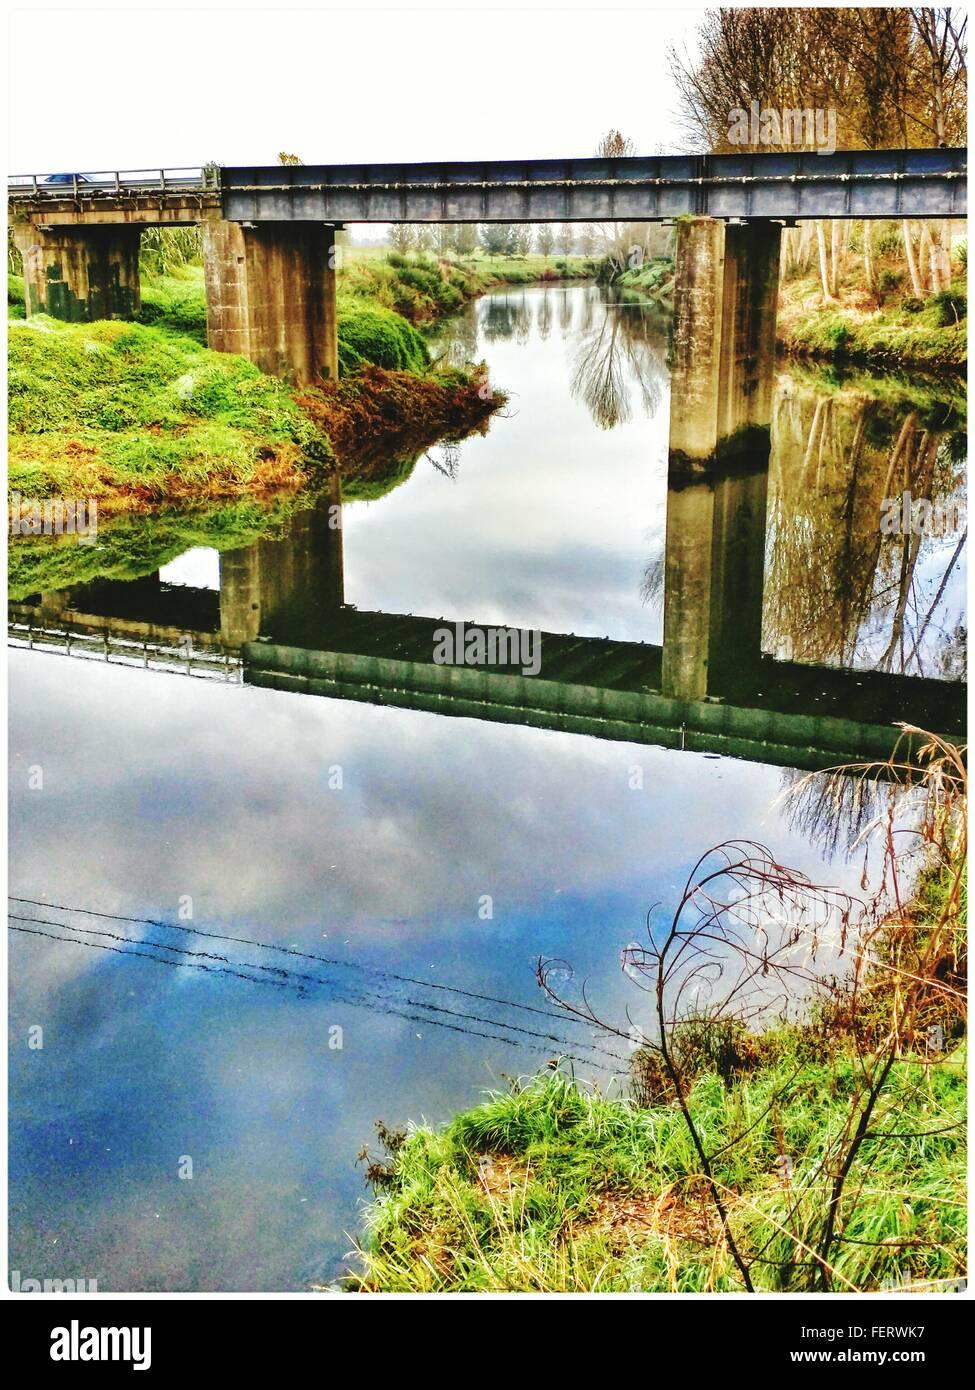 Reflet de la rivière à pont Photo Stock